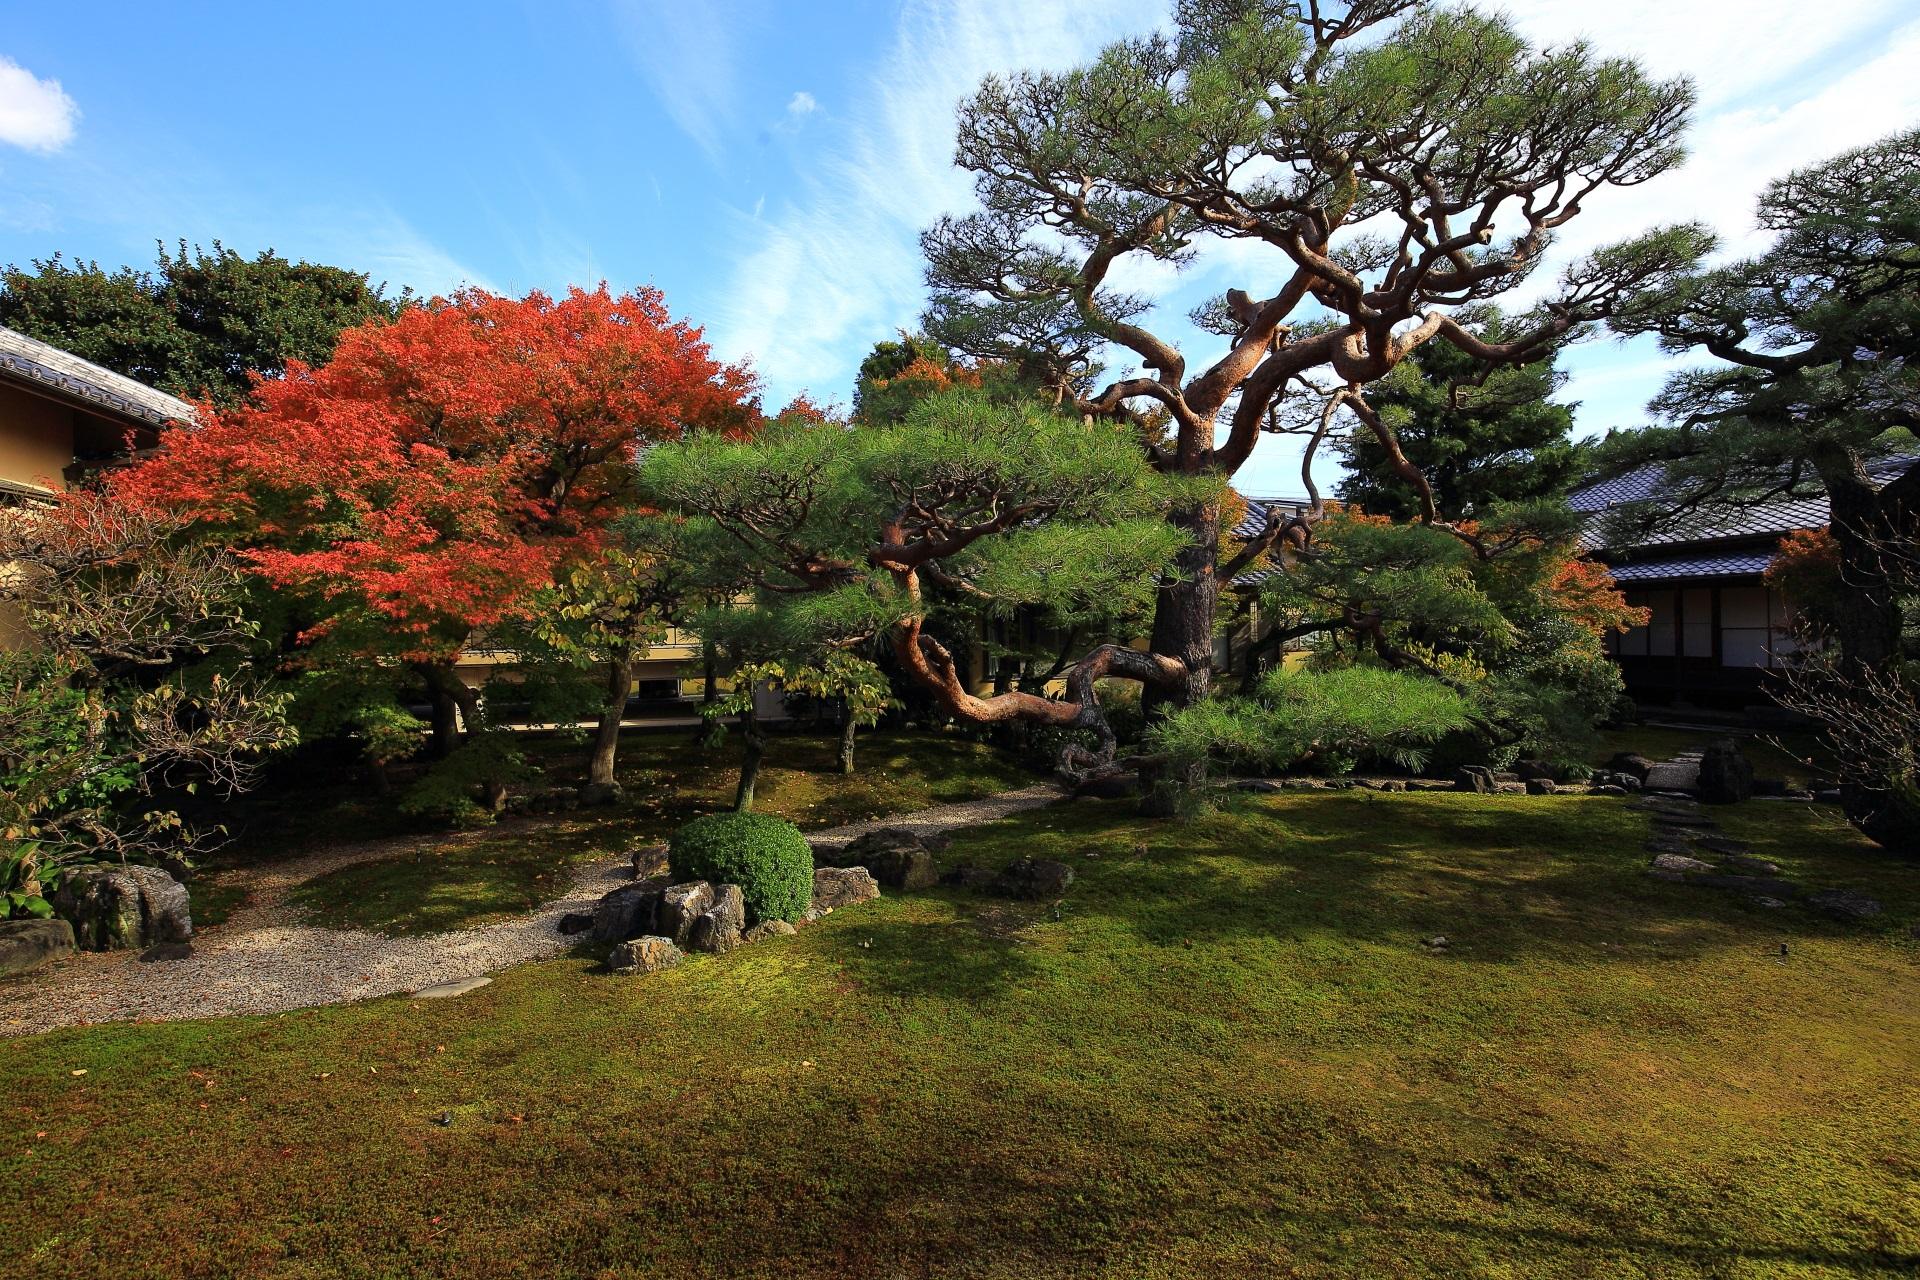 妙顕寺の「光琳曲水の庭」の紅葉と松